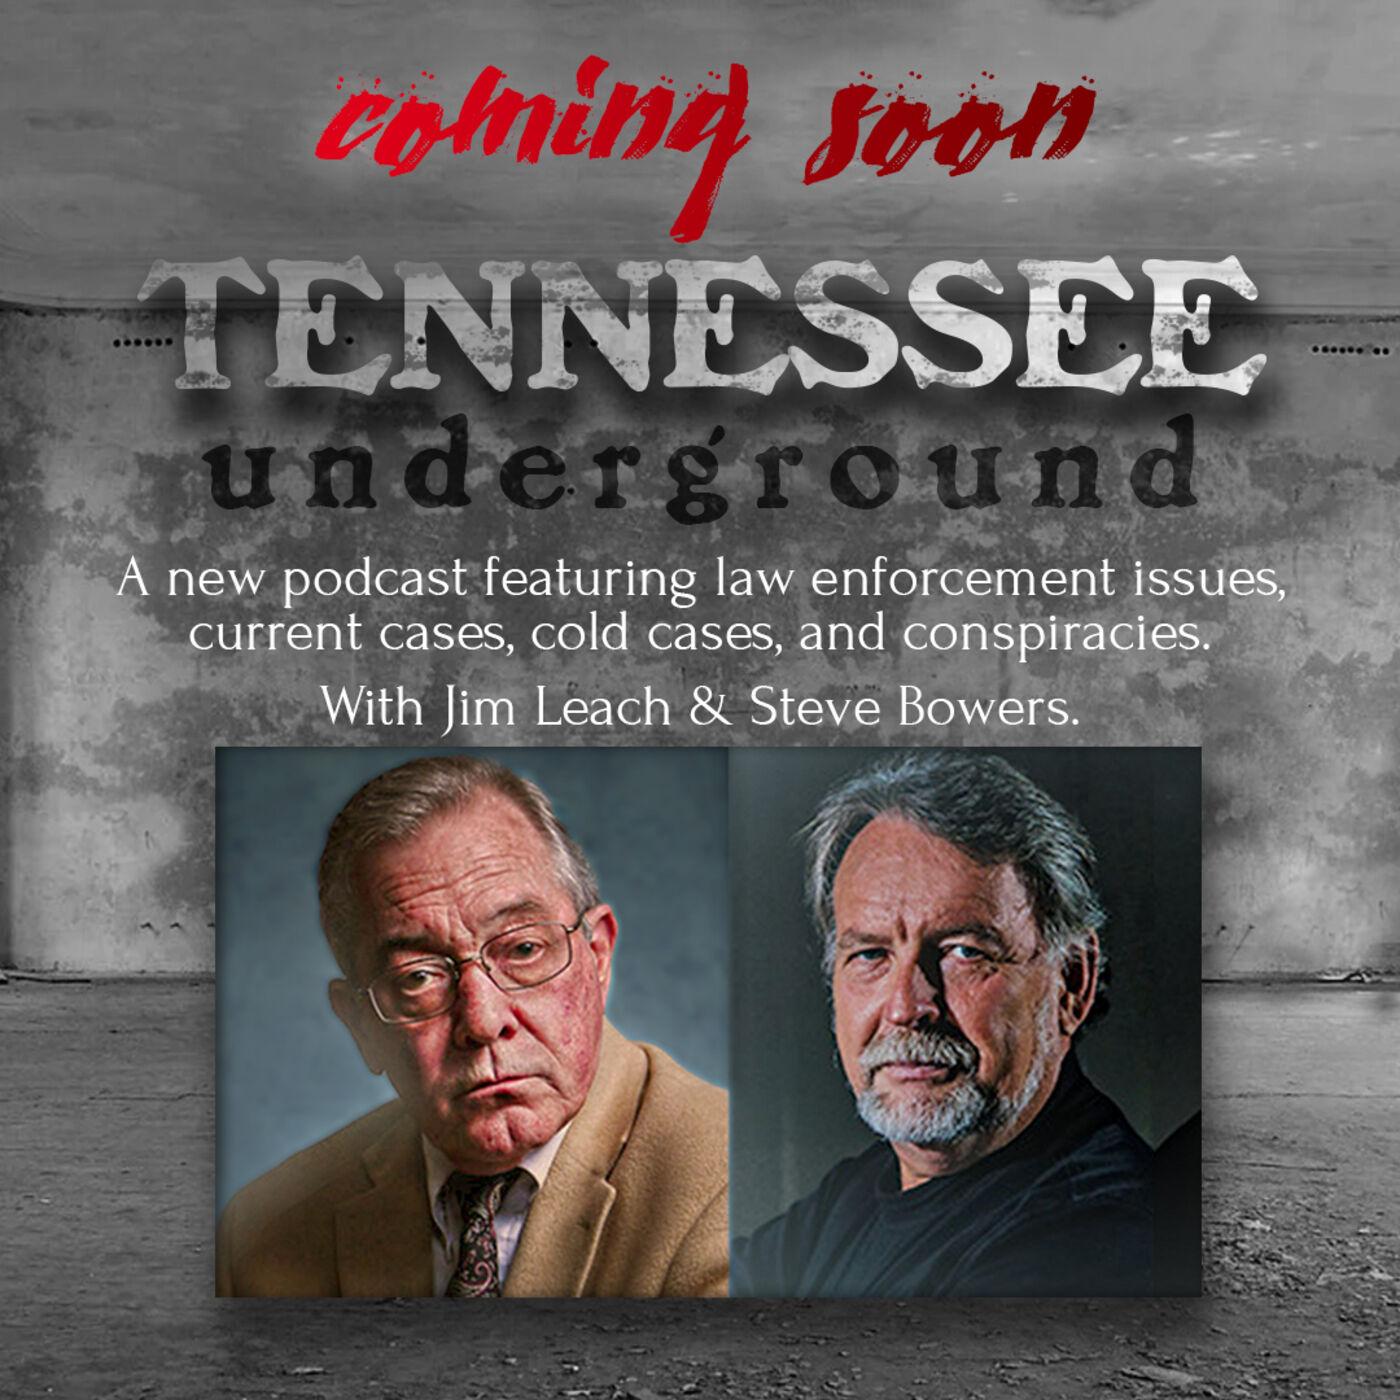 Tennessee Underground